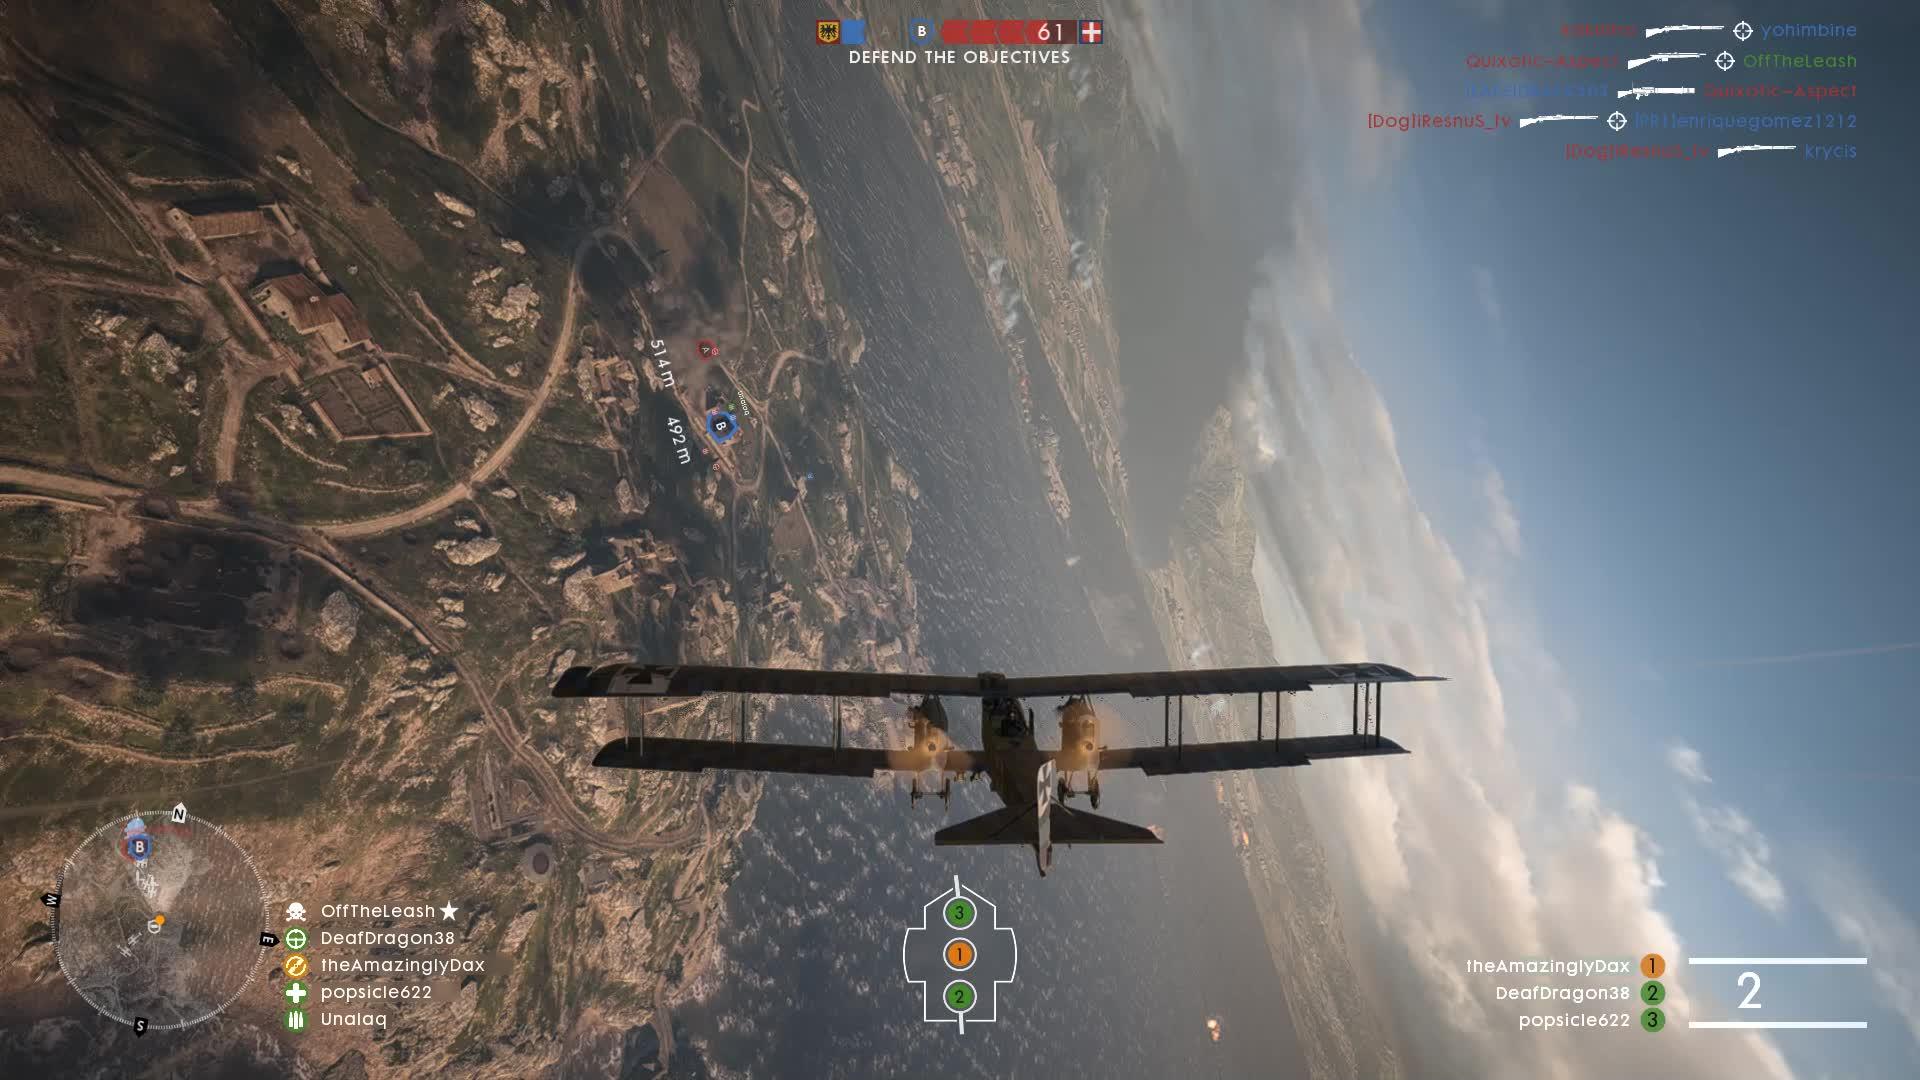 battlefield1, Defense Bombing Run GIFs